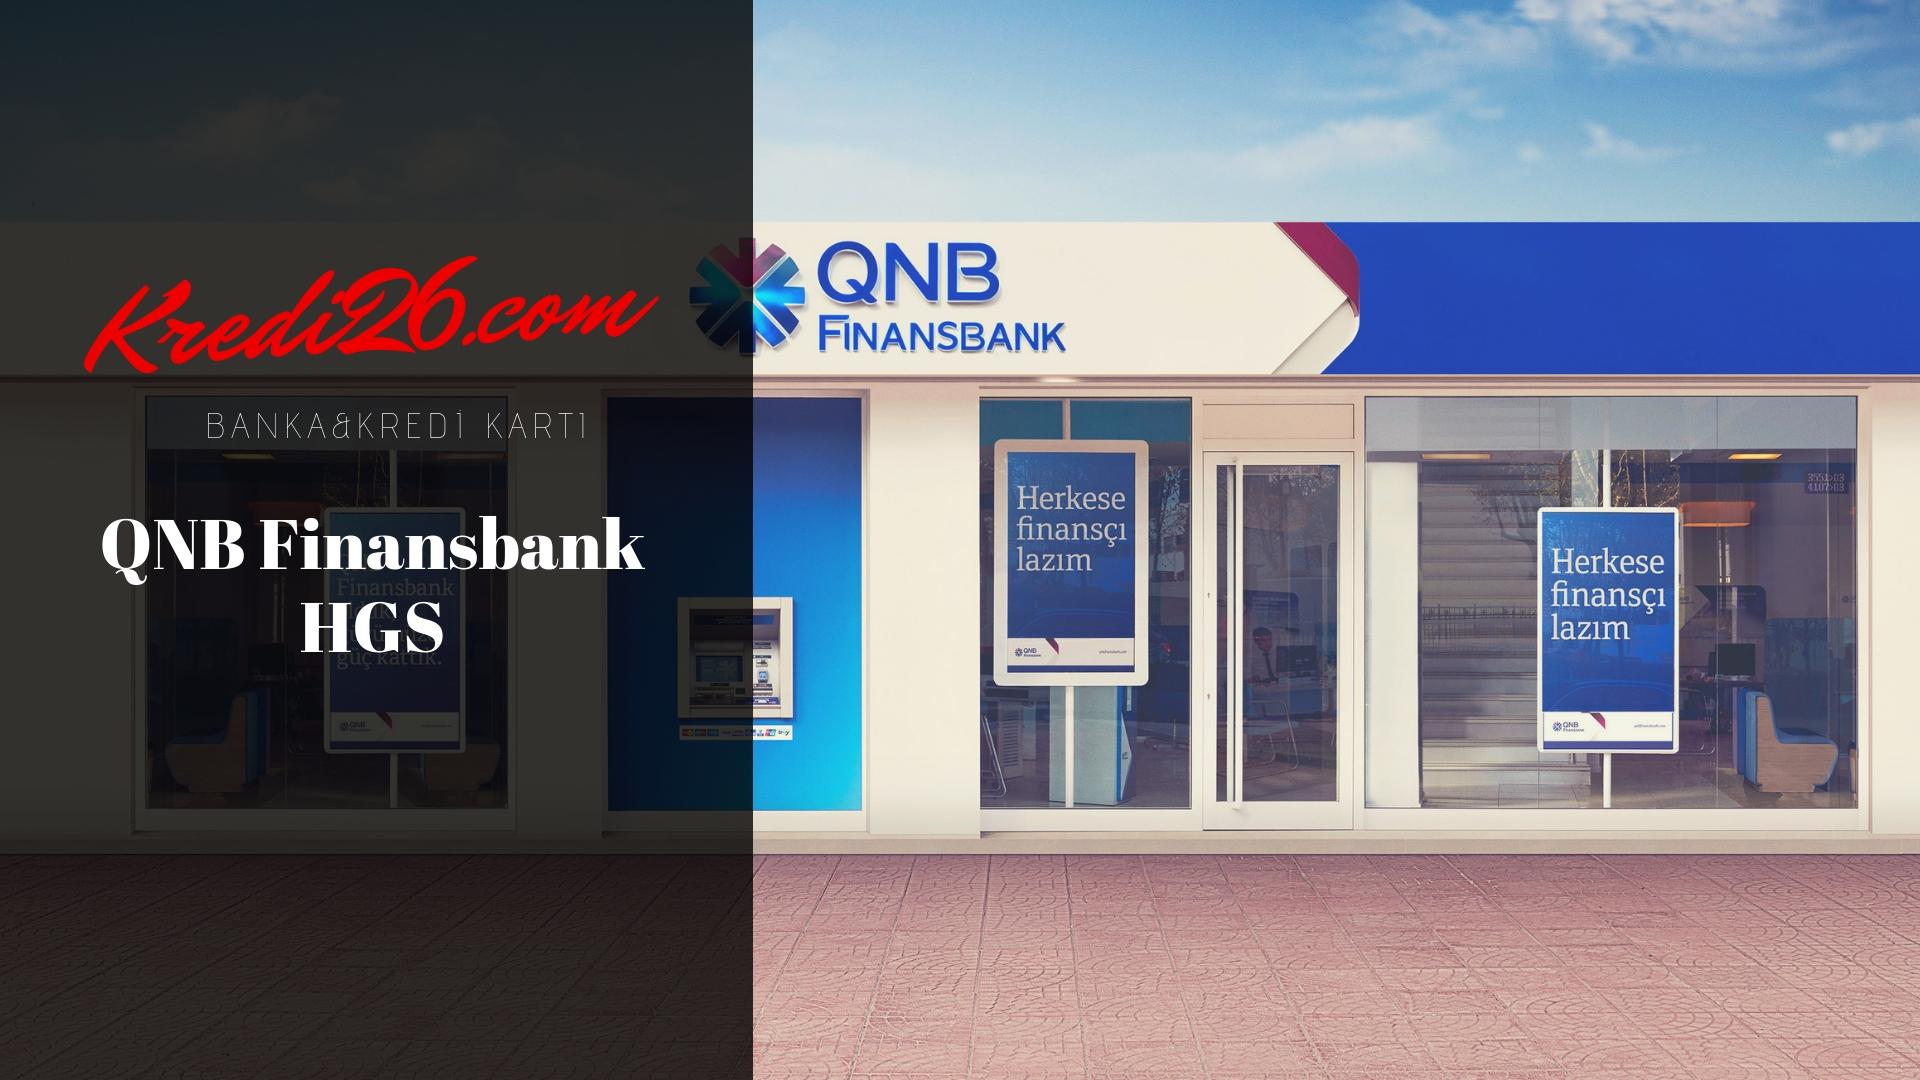 HGS Müşteri Hizmeti | QNB FİNANSBANK HGS Alınabilir Mi?